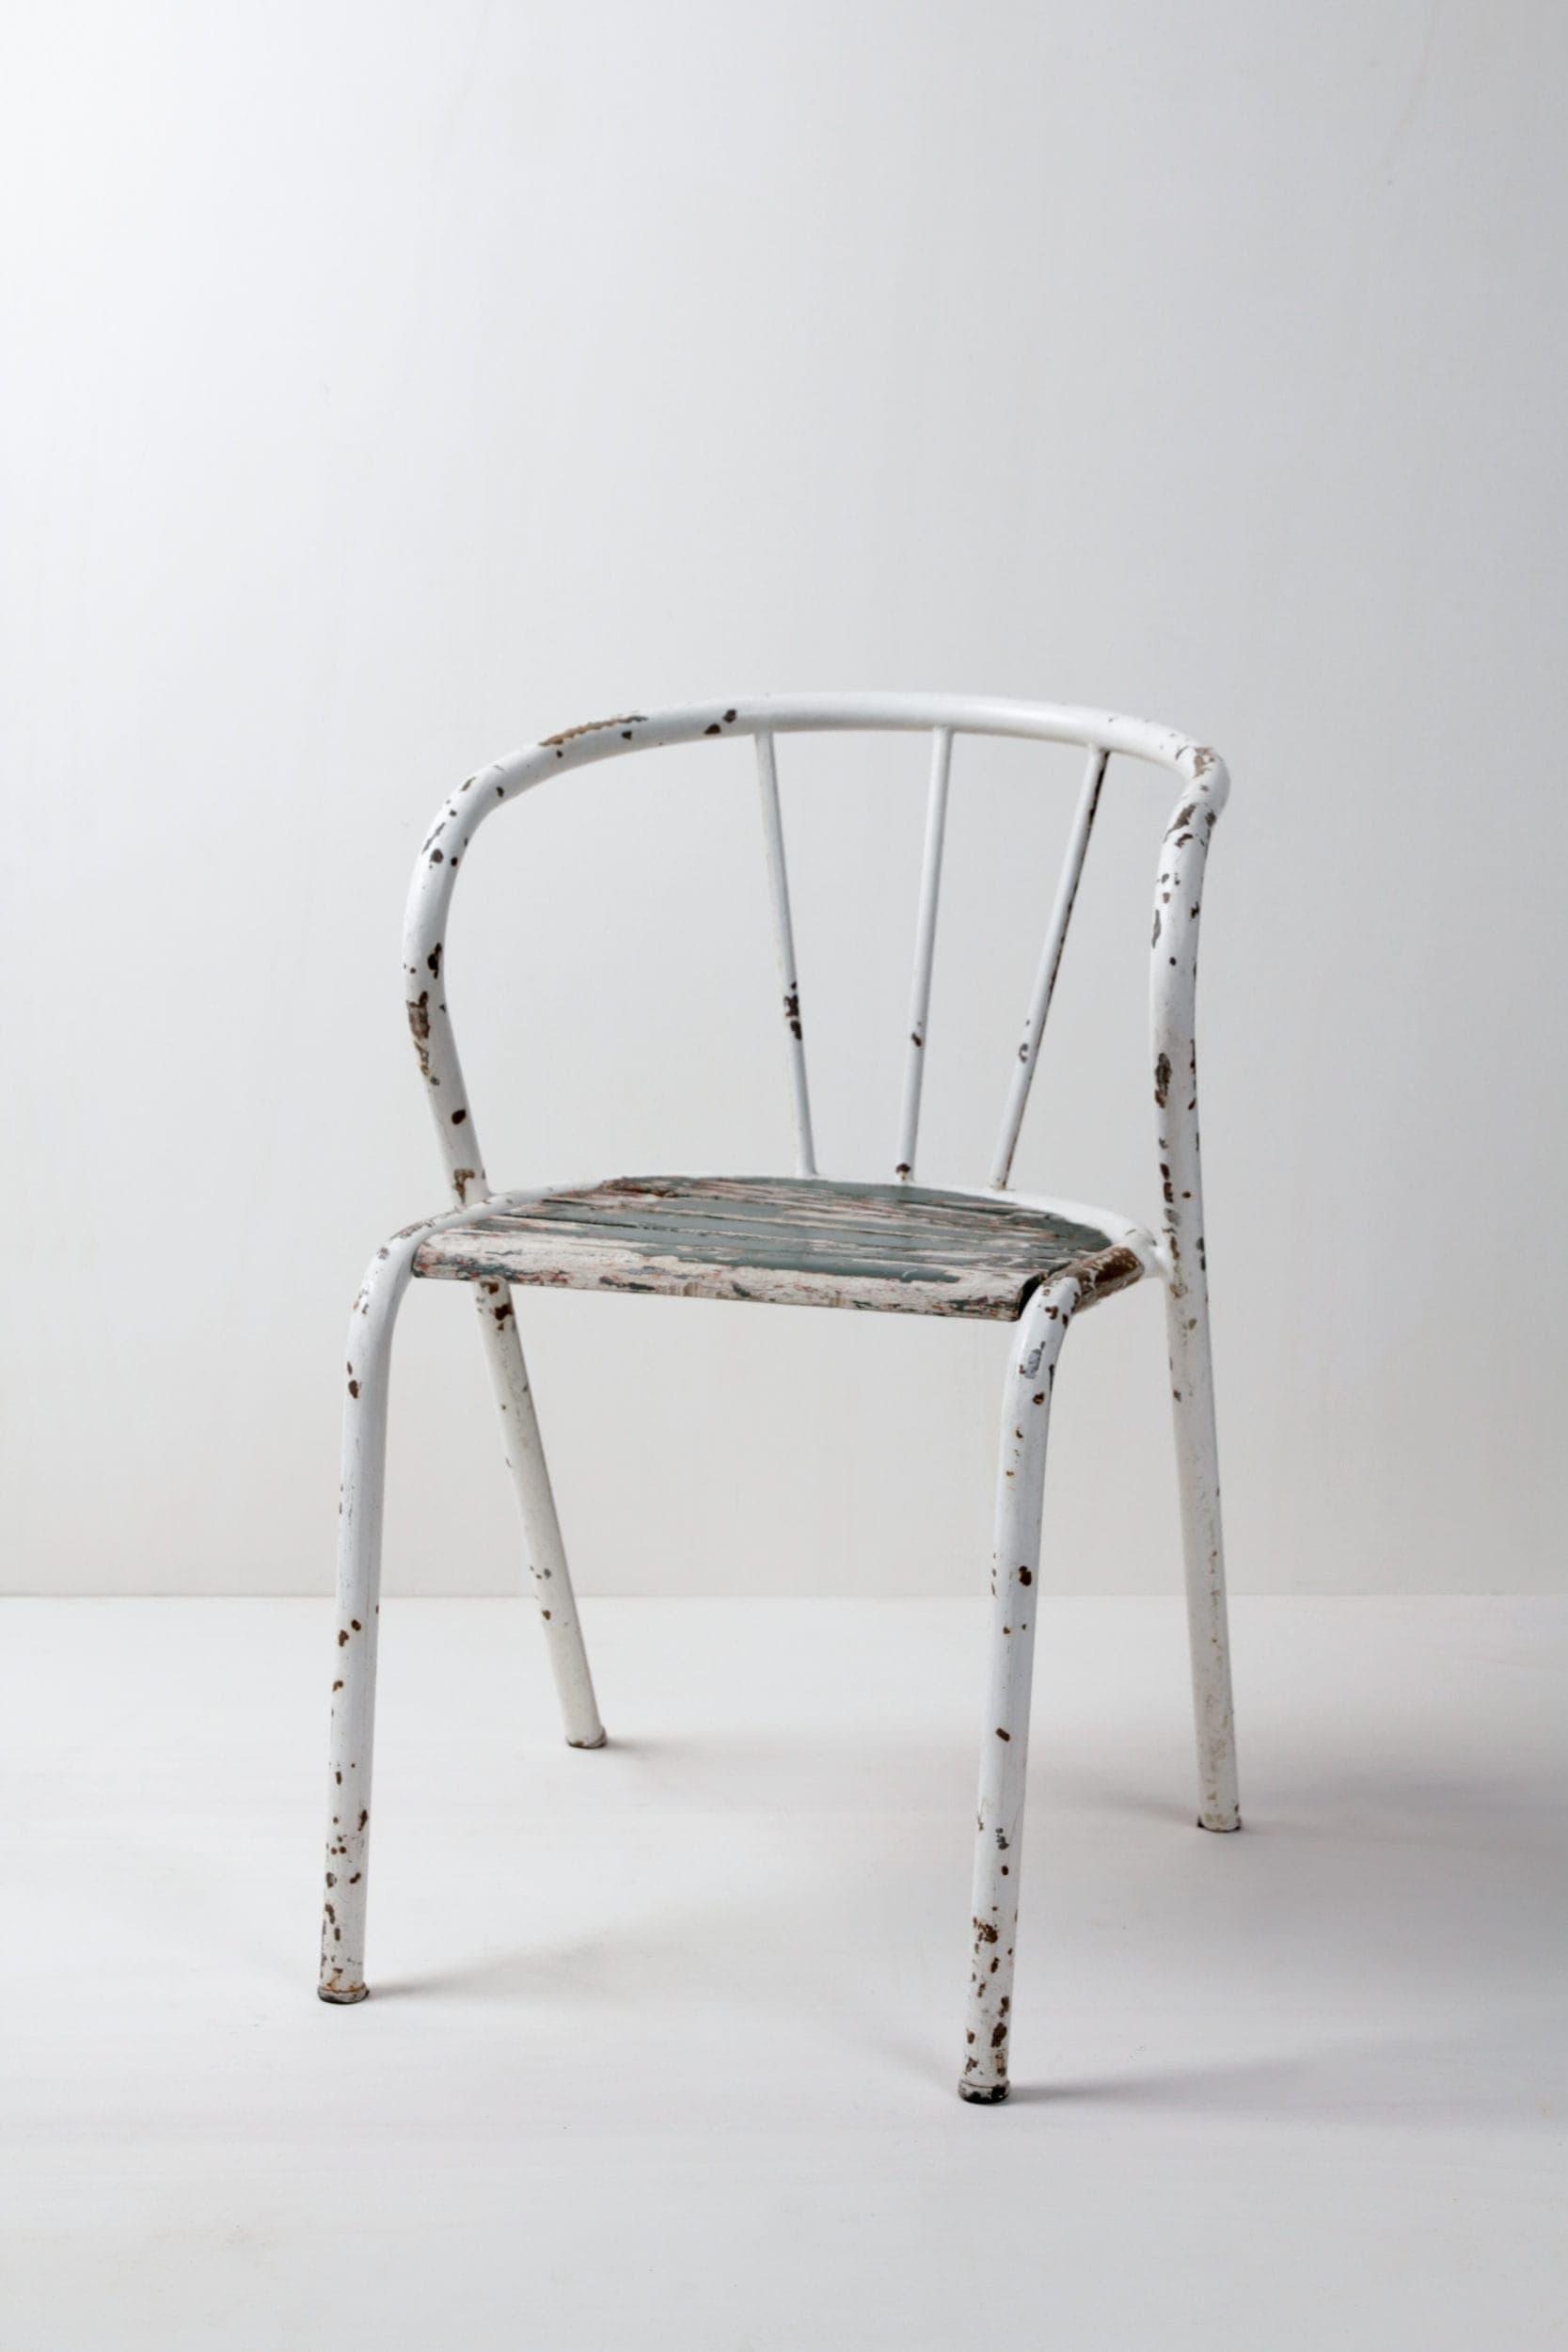 Tische, Stühle mieten für Events, Möbelstücke mieten in Berlin